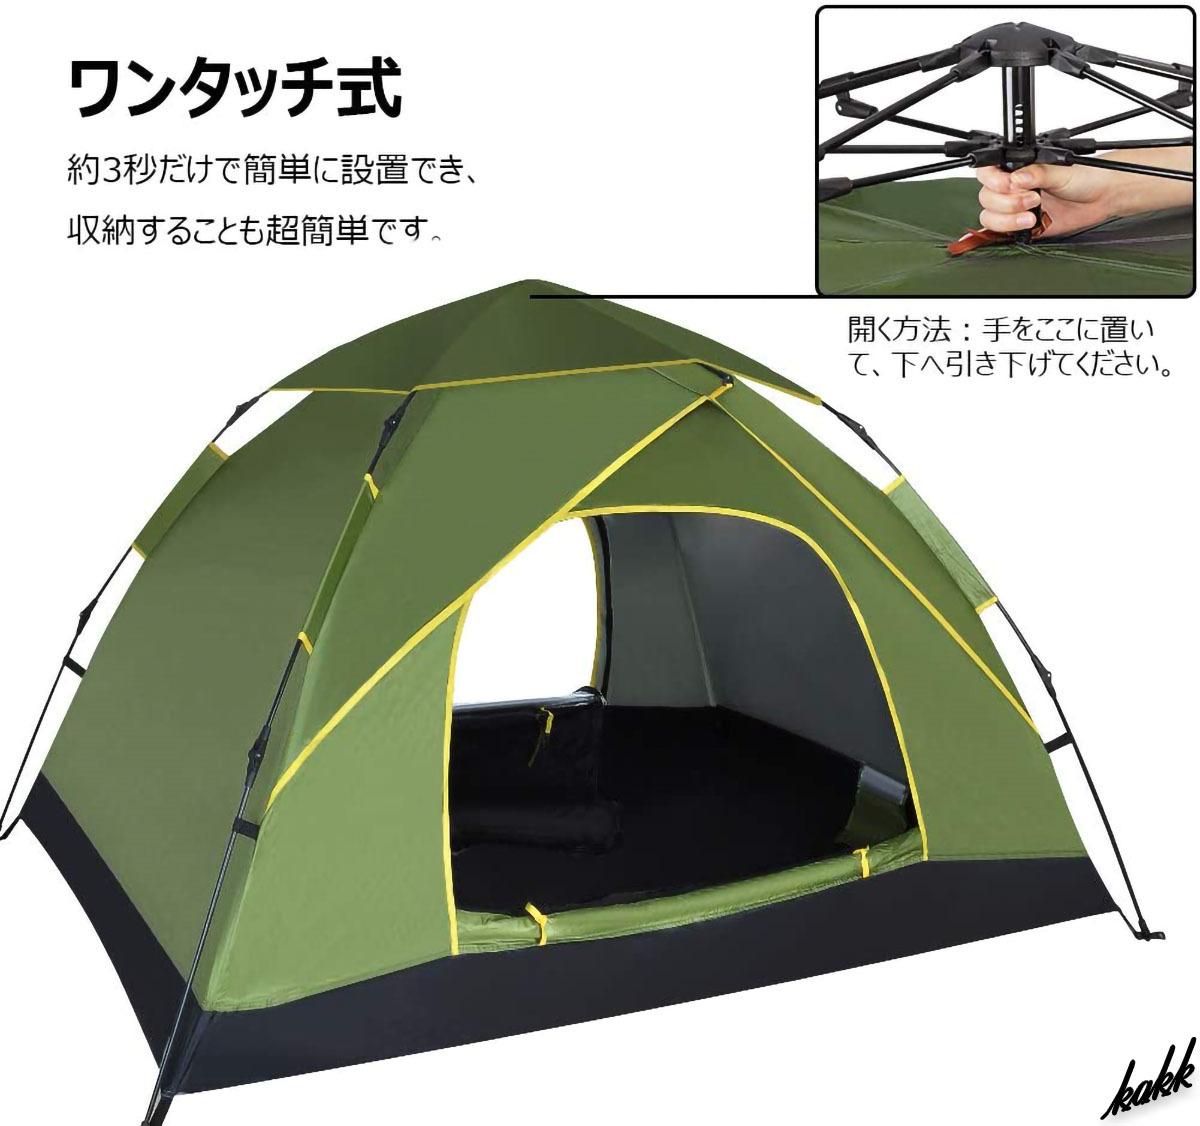 【コンパクト収納】 ワンタッチテント 2-3人用 耐水圧2000mm UVカット 通気性 軽量 コンパクト ツーリング キャンプ テント アウトドア